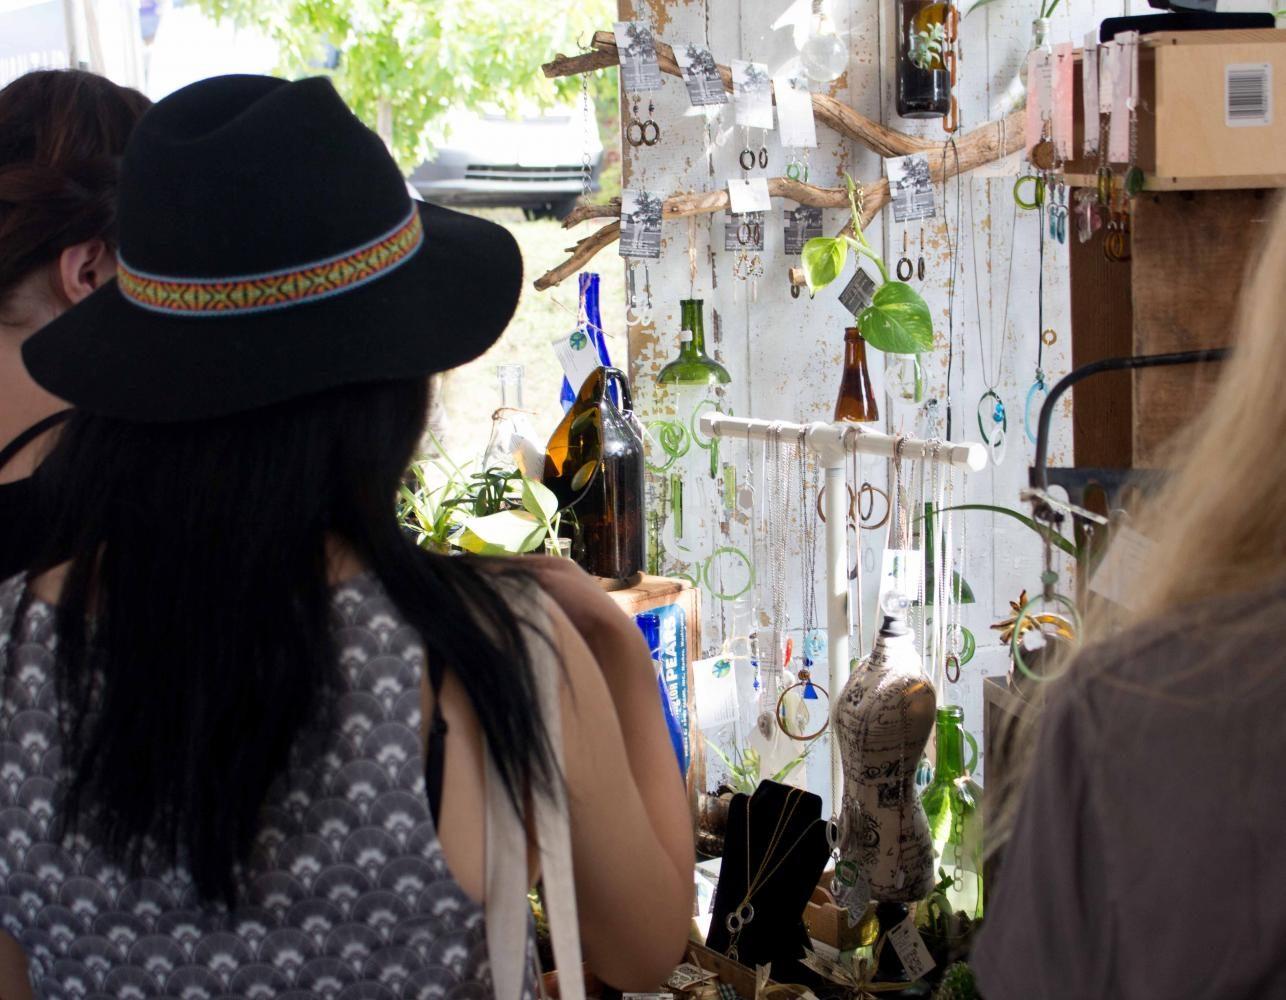 Mohair Pear's 7th Annual Pear Fair